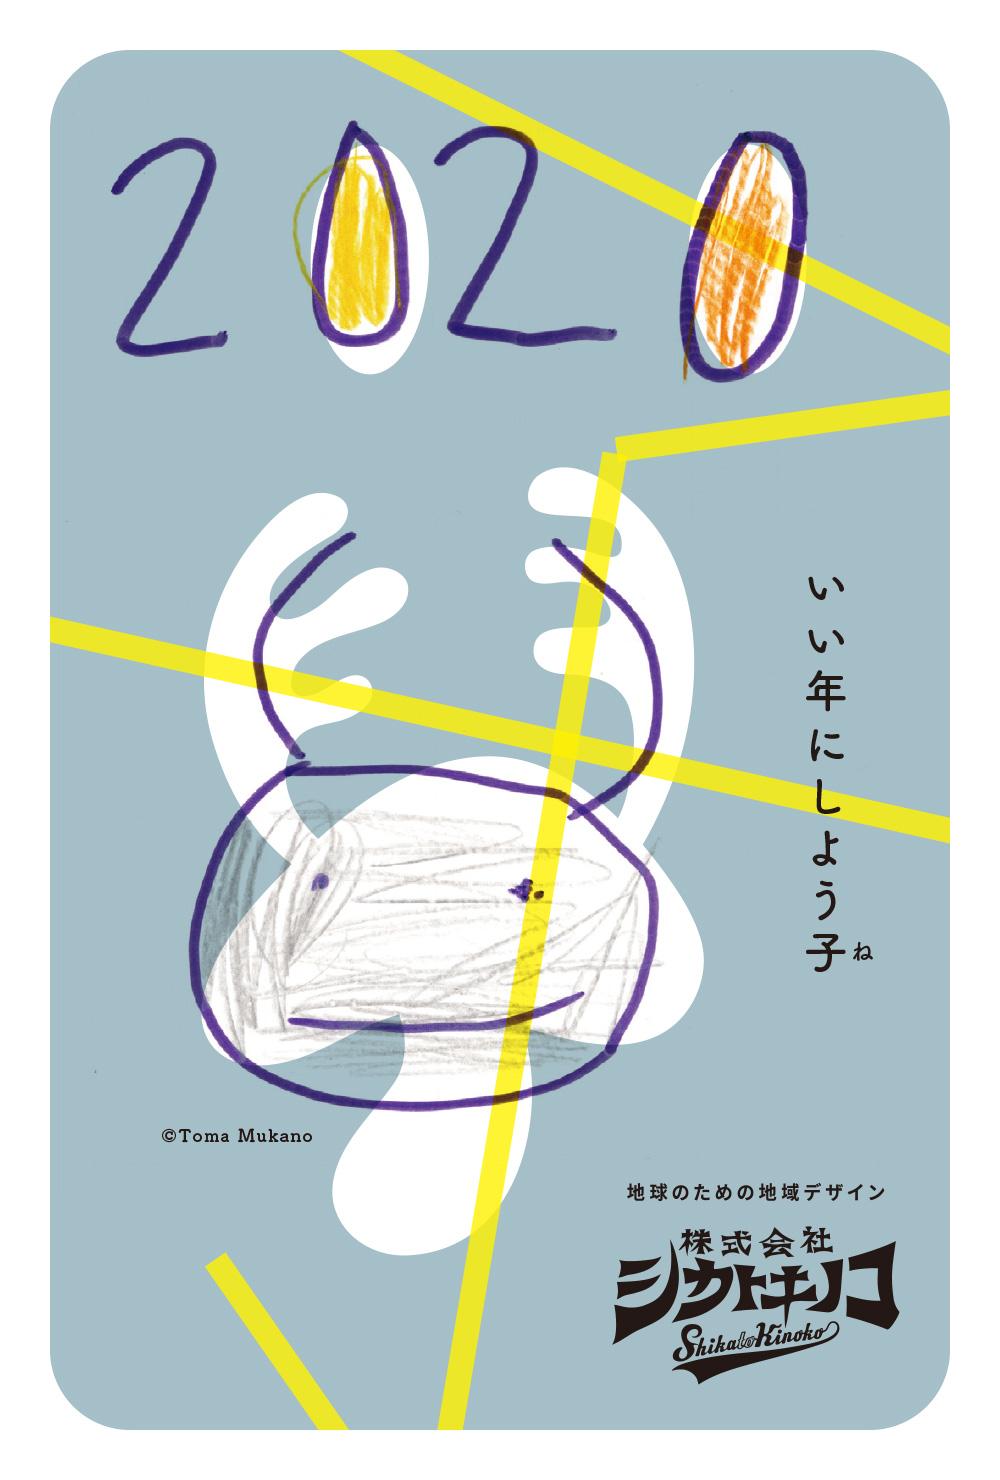 シカトキノコ2020年 年賀状(子年)